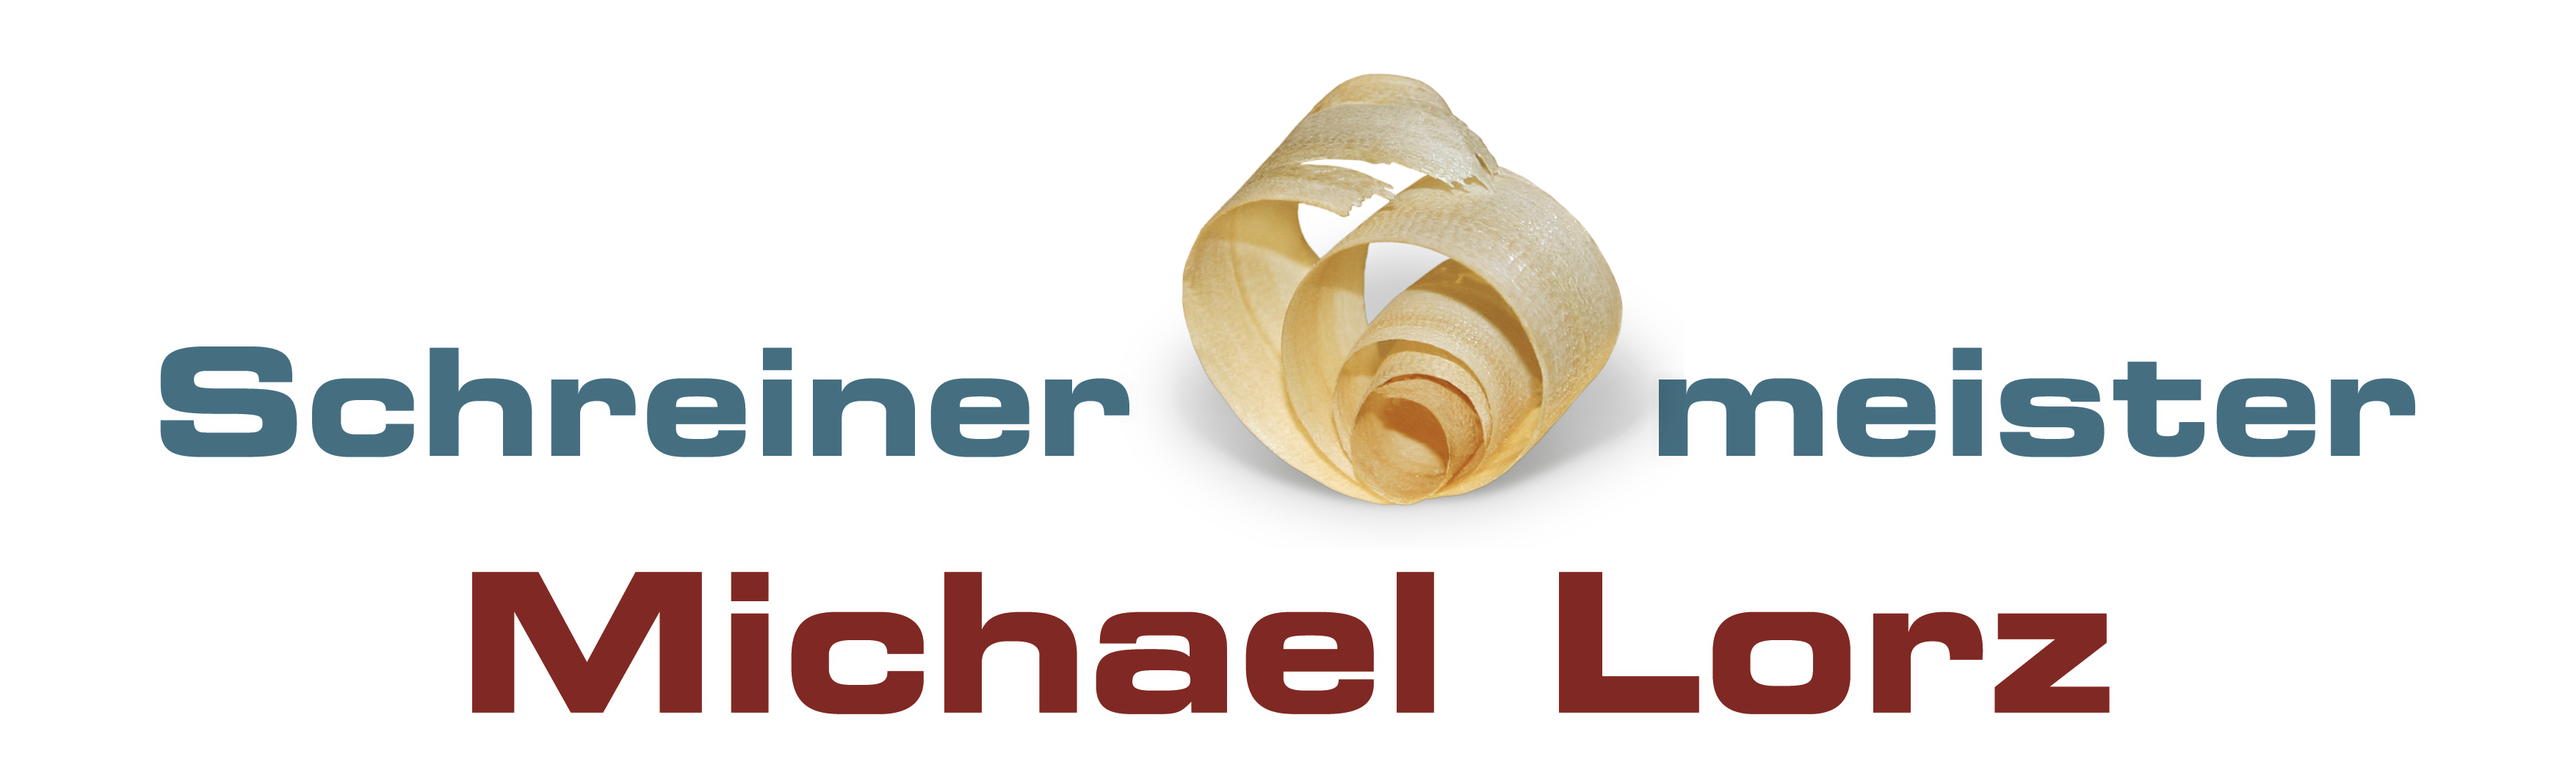 Schreinermeister Michael Lorz